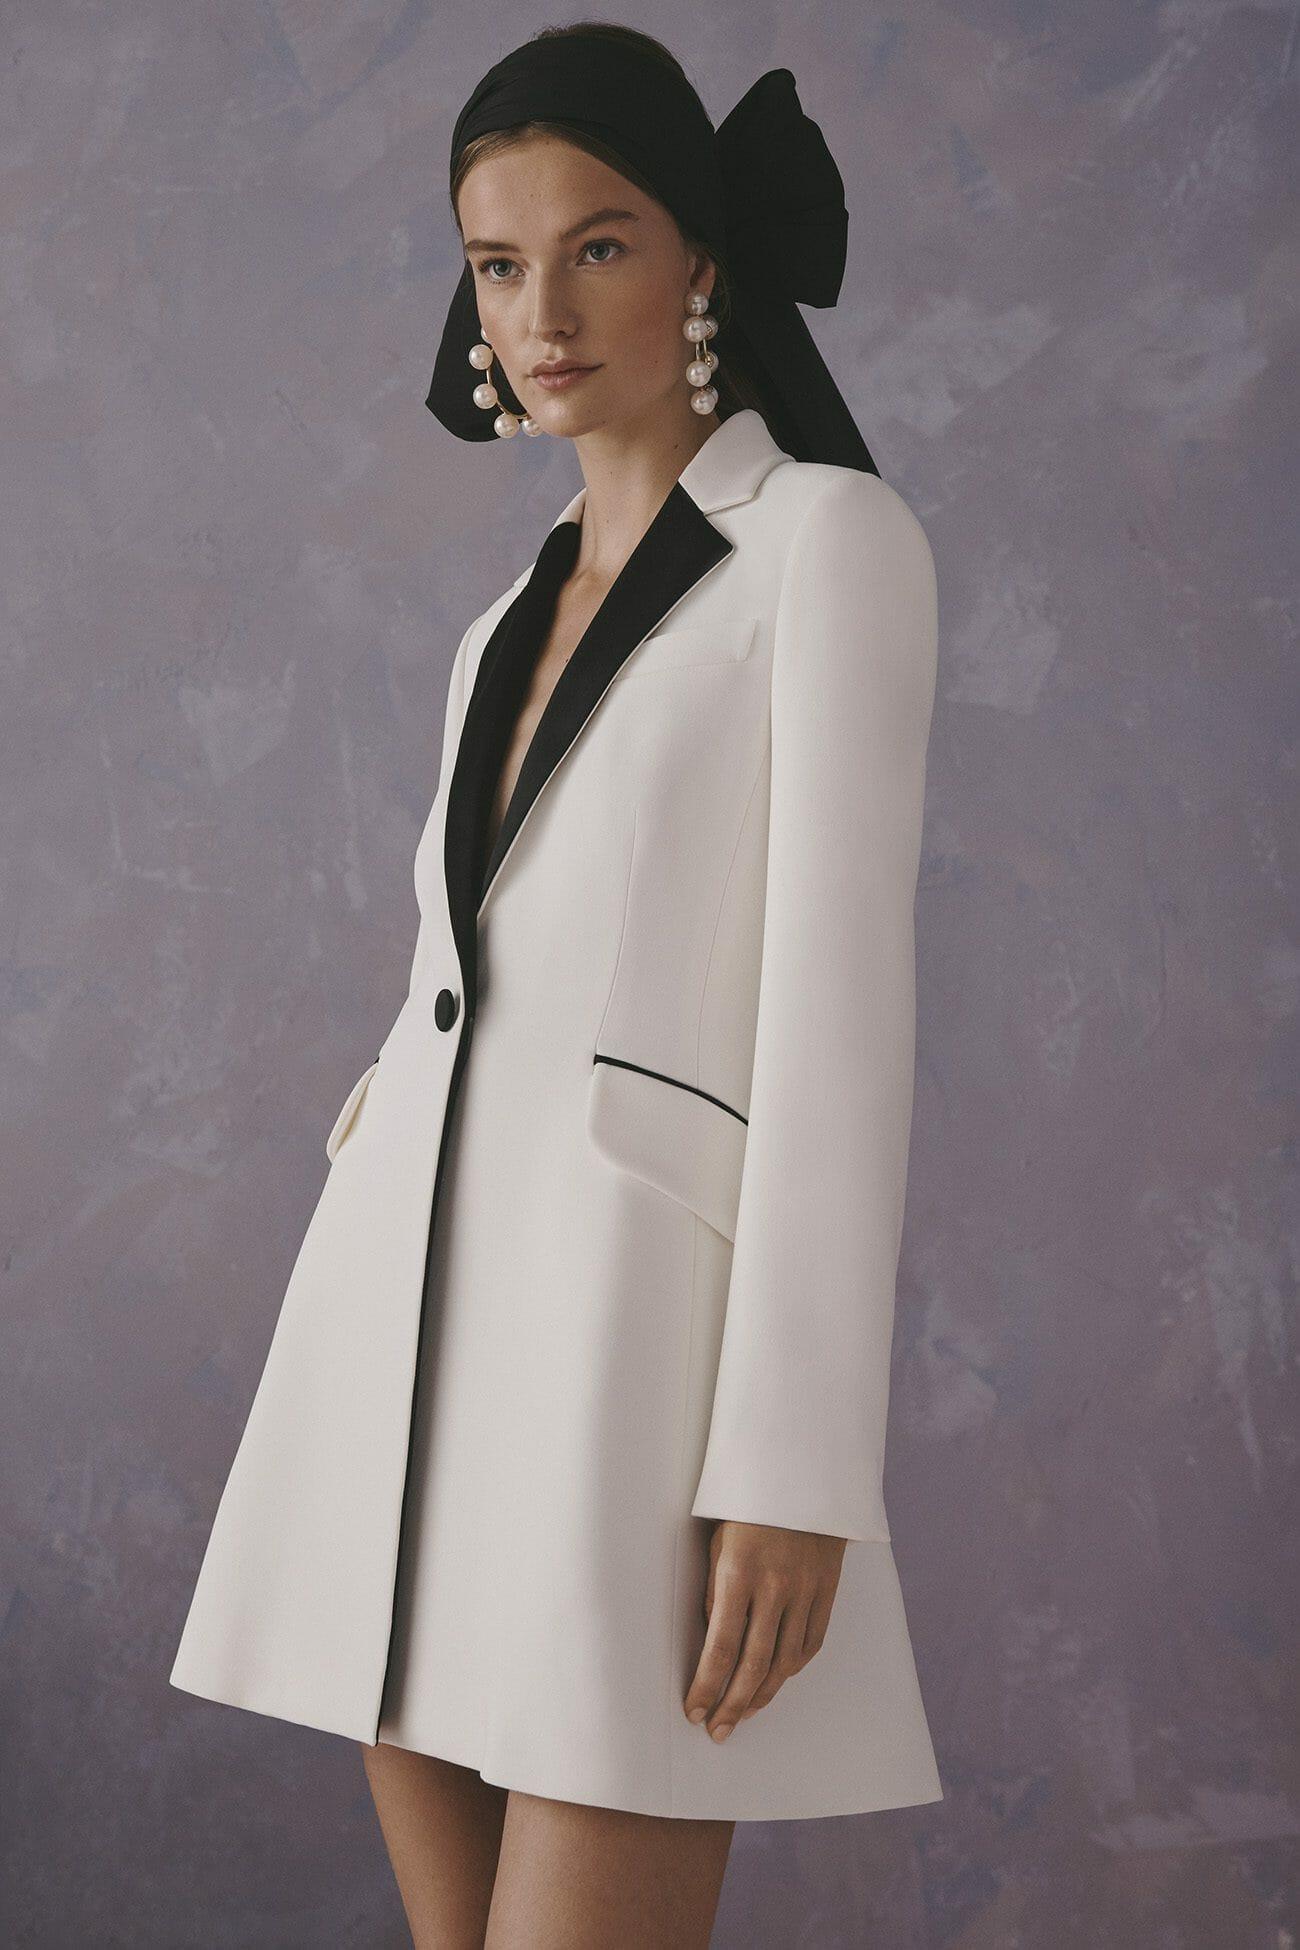 Carolina Herrera New York Resort 2020 Collection white suit dress